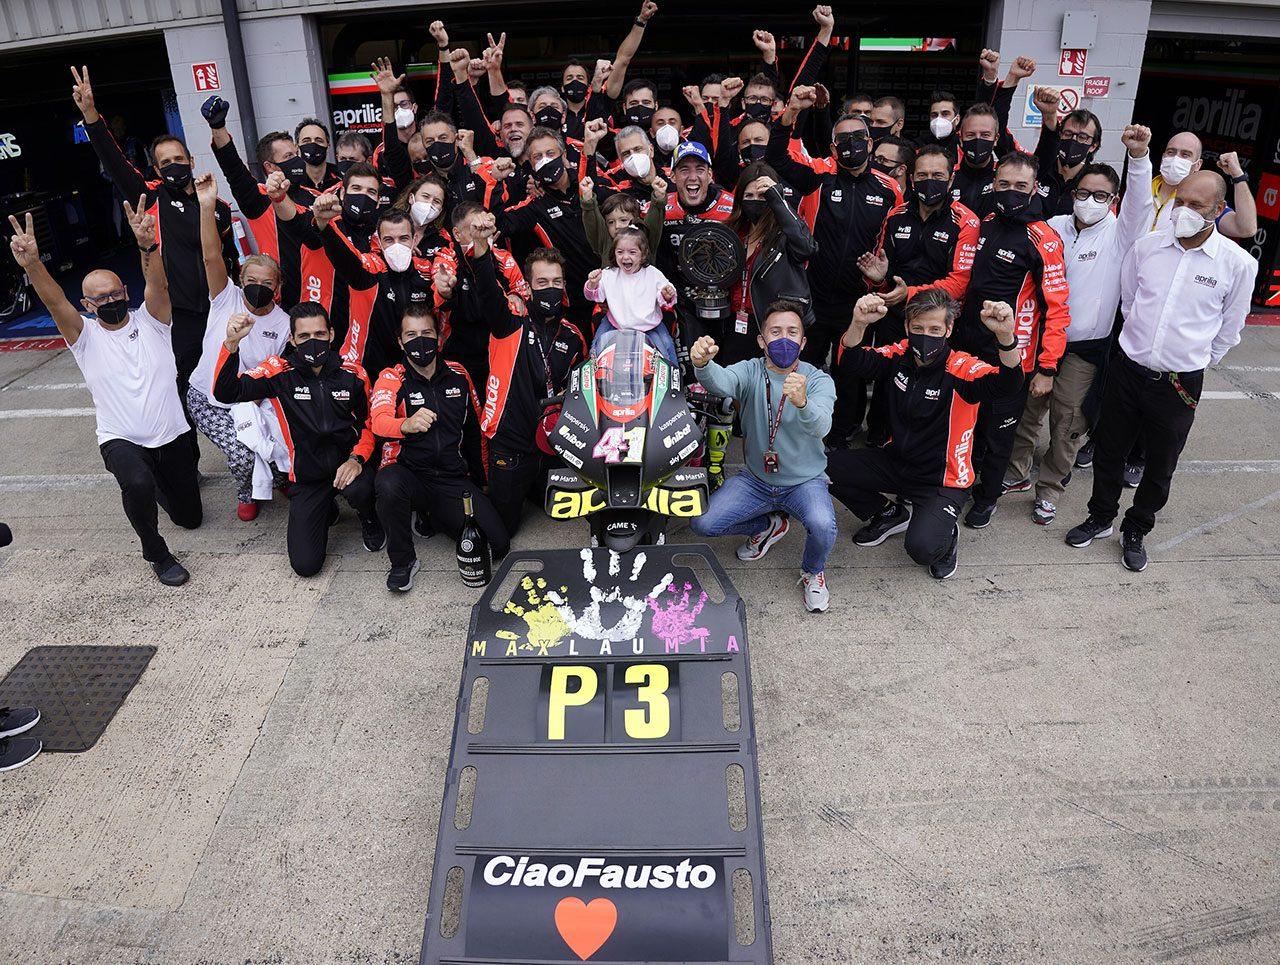 MotoGPコラム/MotoGPイギリスGP:アプリリアに最高峰クラス21年ぶりの表彰台をもたらしたA.エスパルガロと、その進化